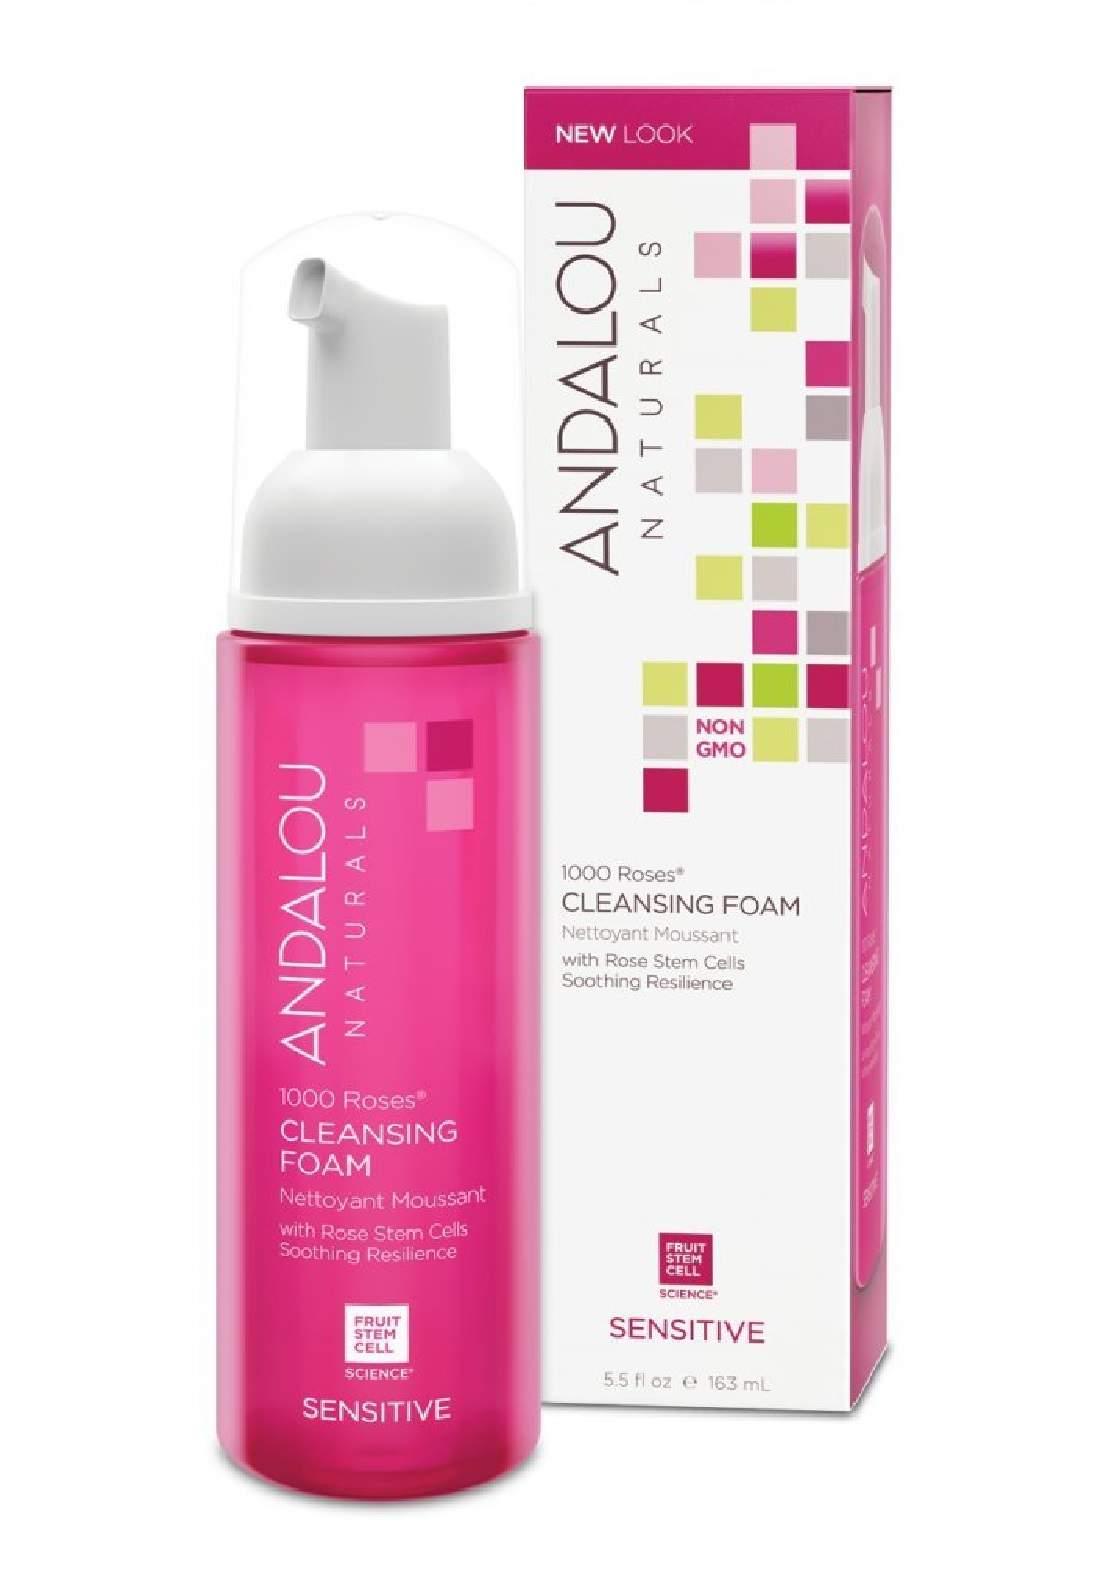 Andalou 0014 Naturals 1000 Roses Cleansing Foam Sensitive غسول رغوي